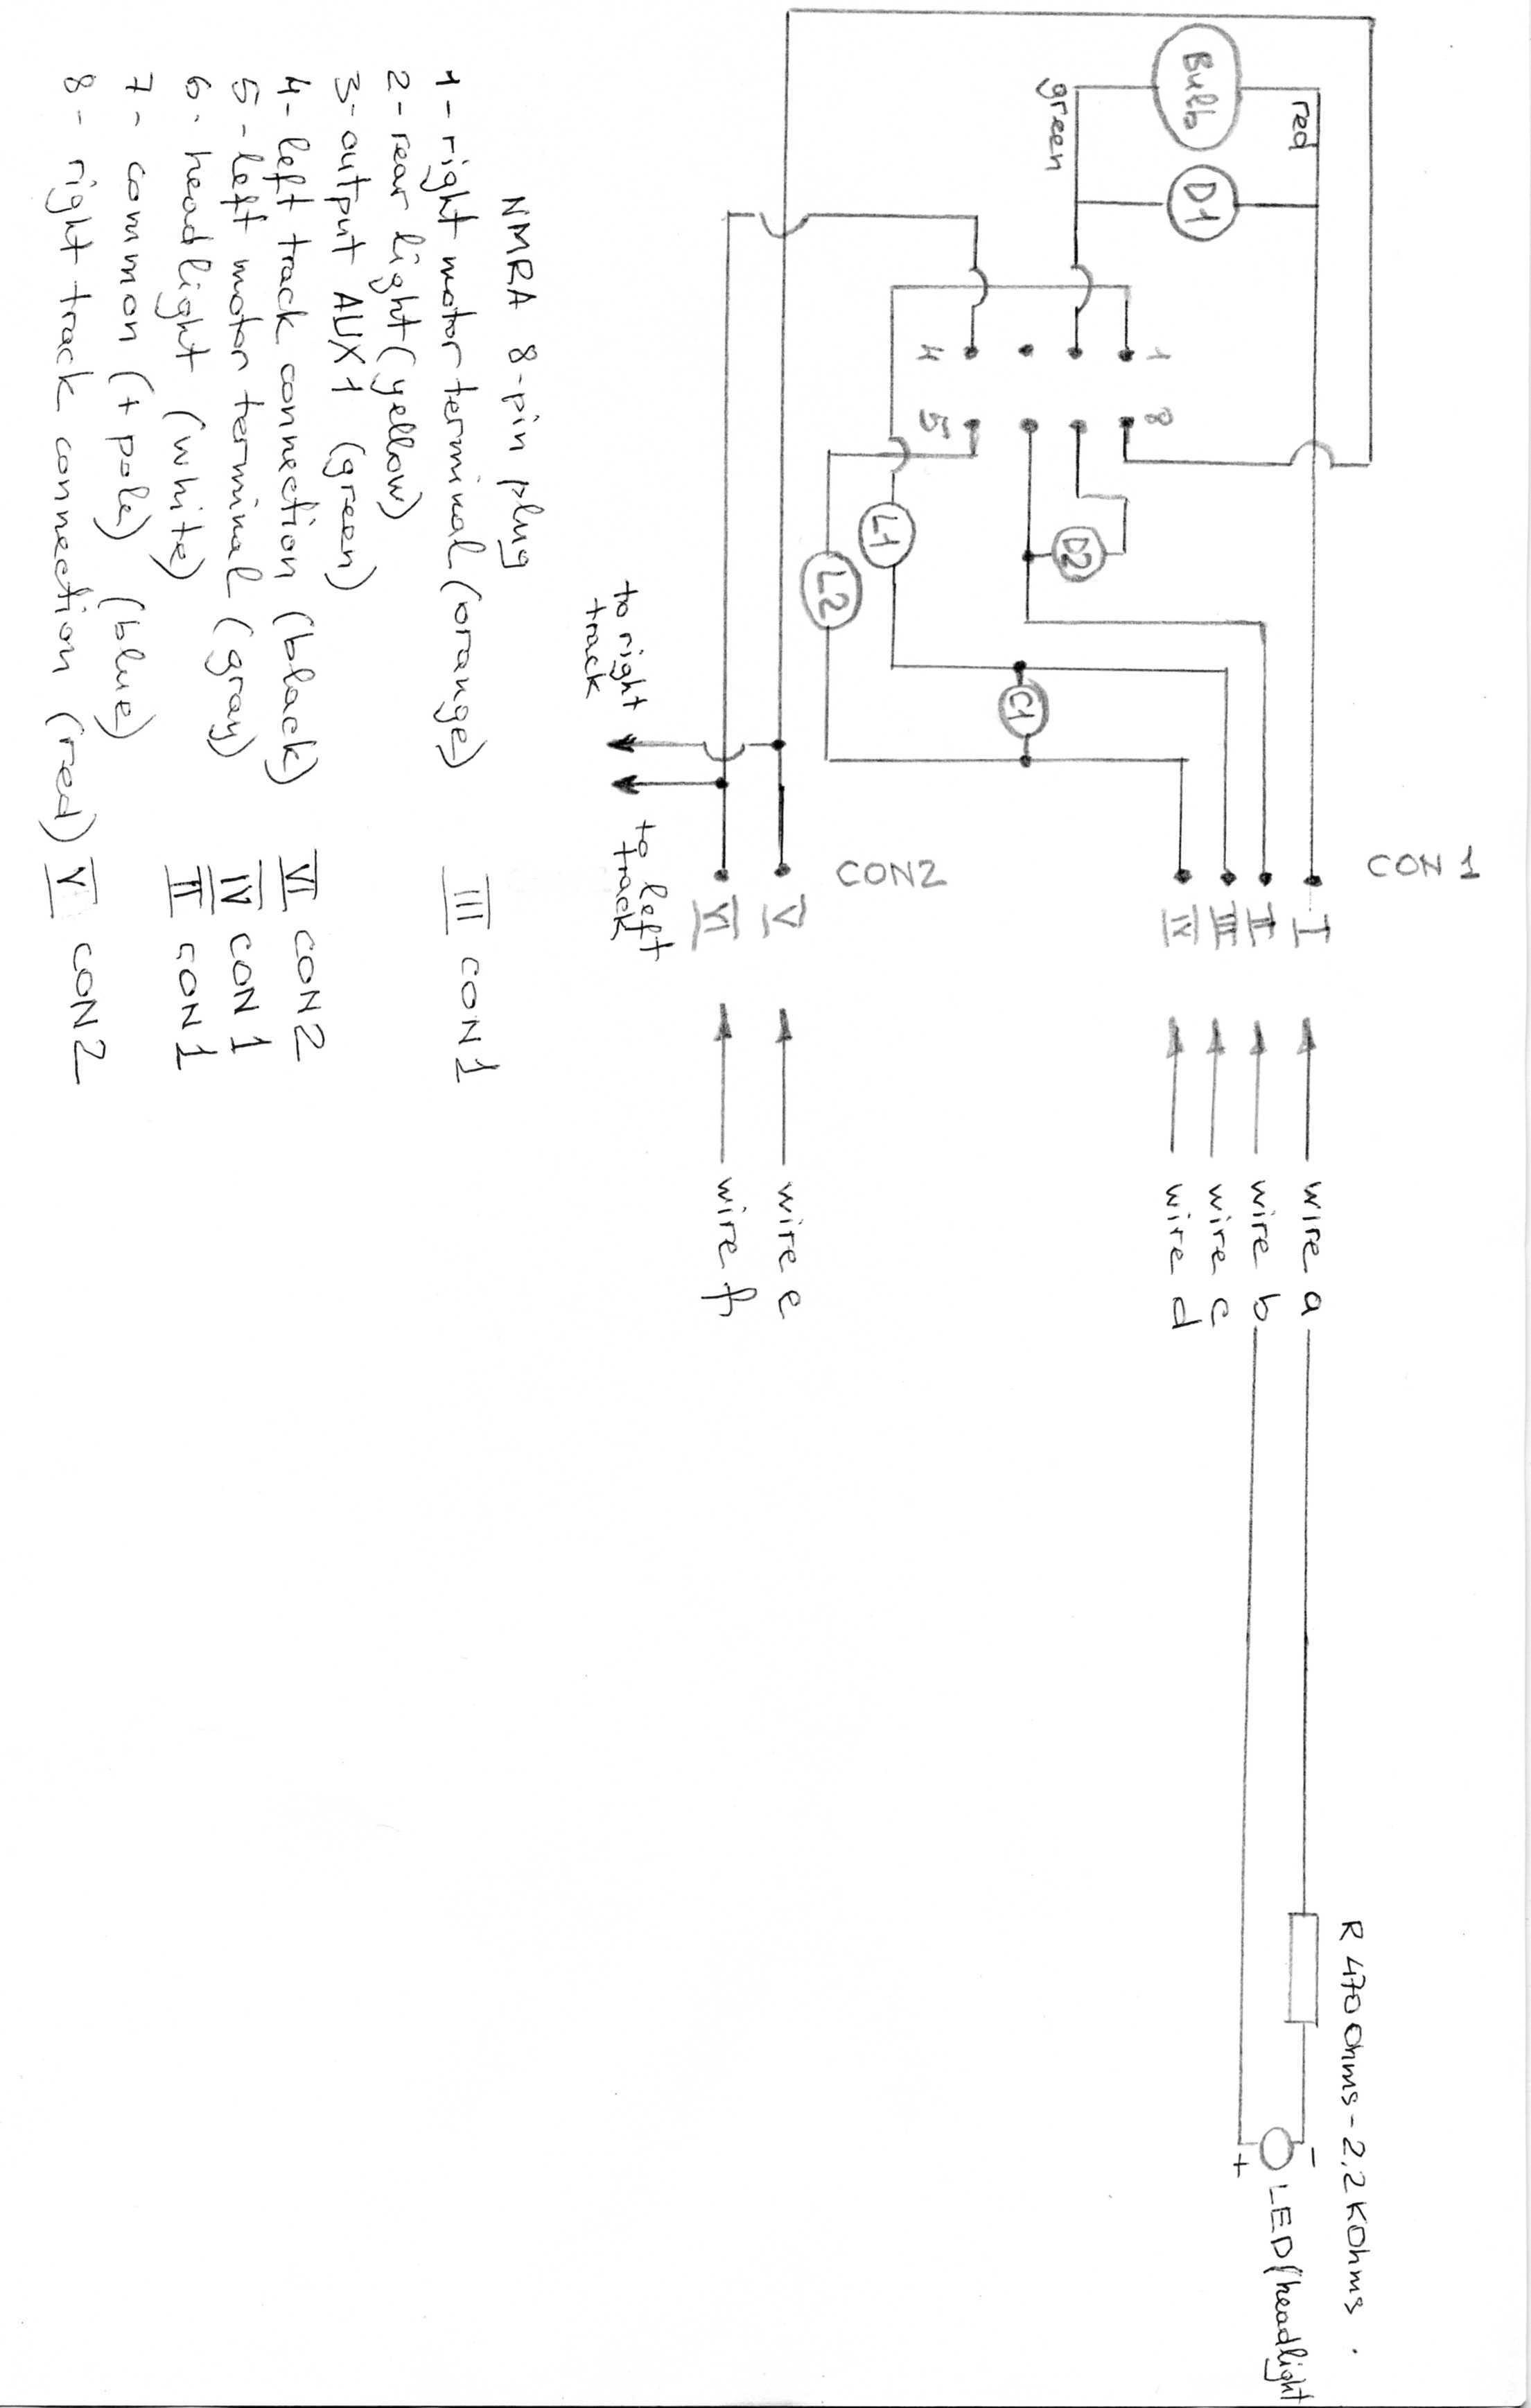 Chevy Spectrum Wiring Diagram